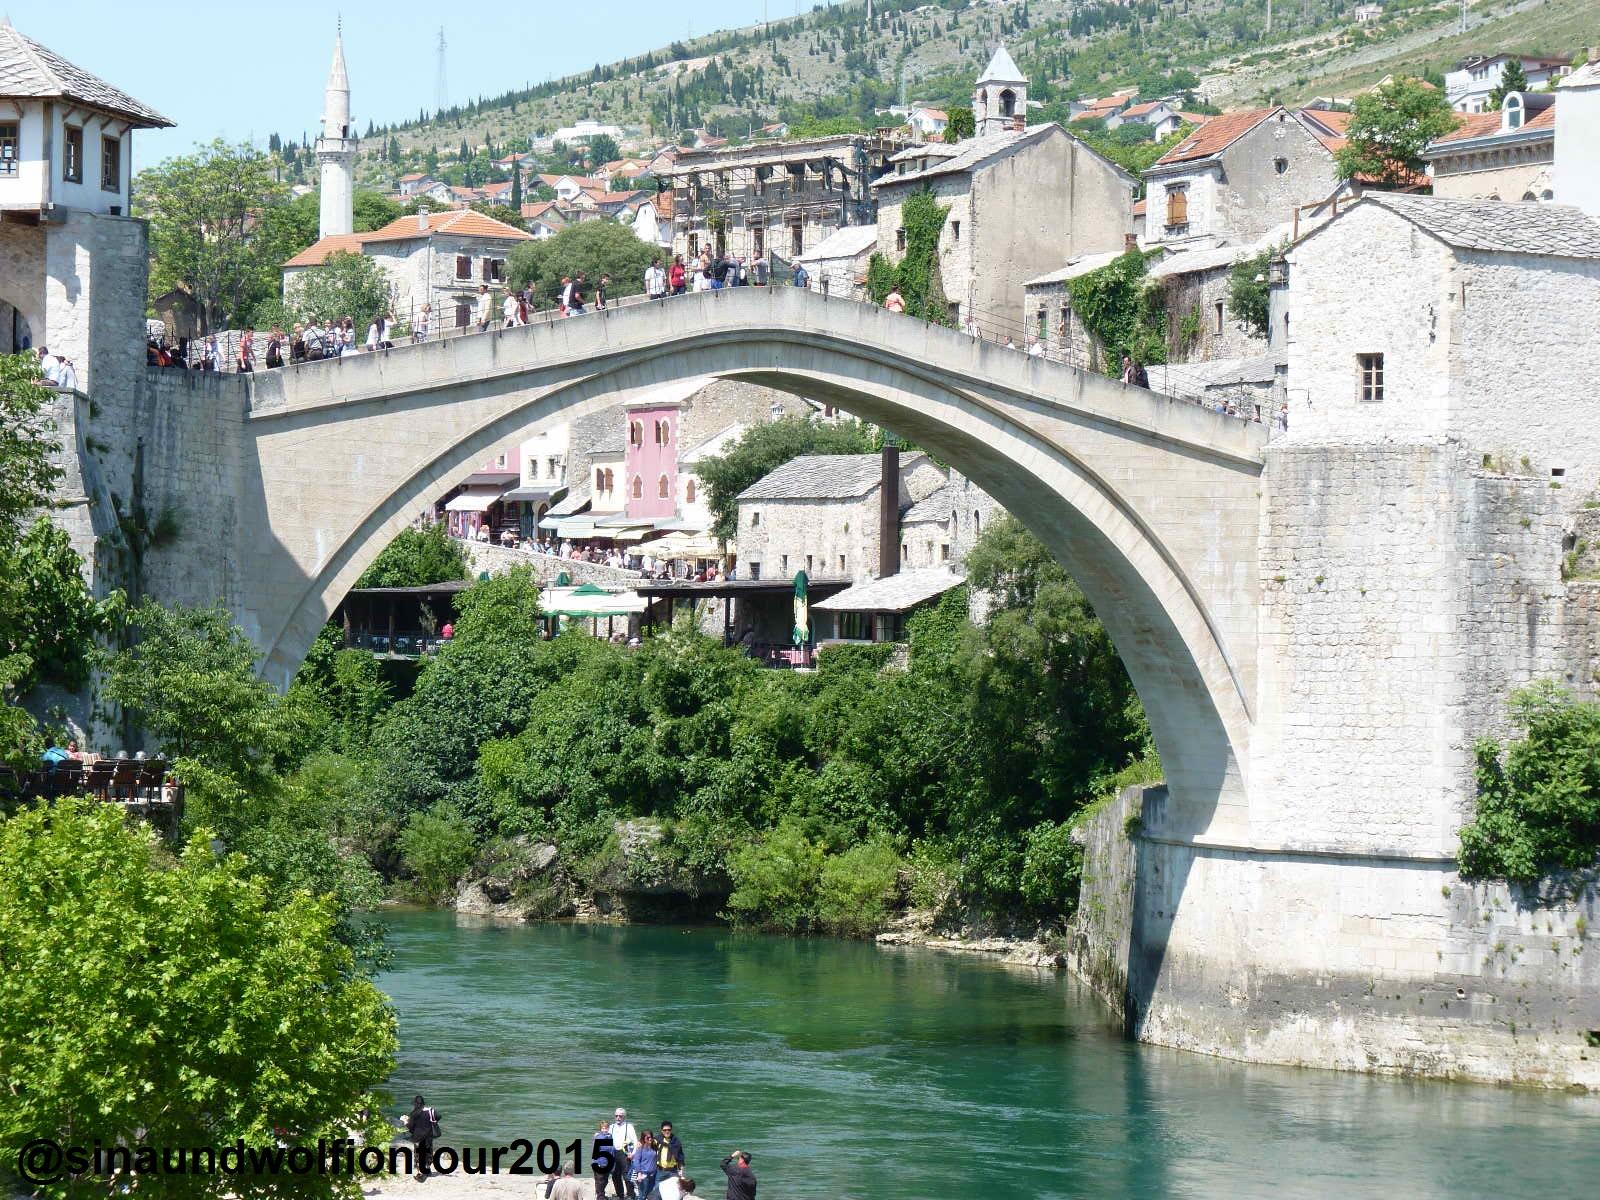 Brücke Mostar, Juni 2015